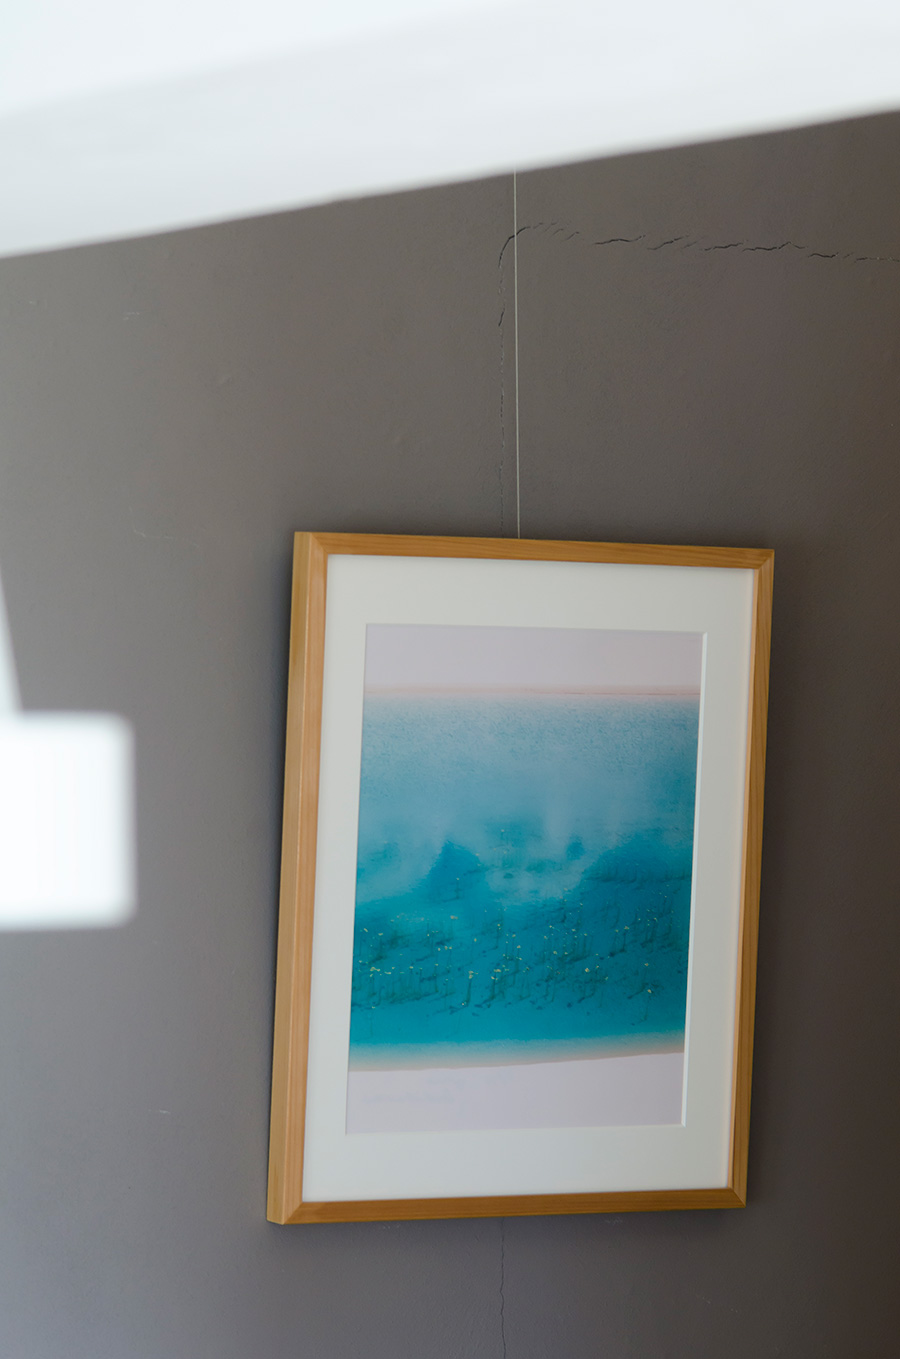 初めて買ったアート作品は、市橋織江氏の写真。間伐材を使ったフレームも気に入った。